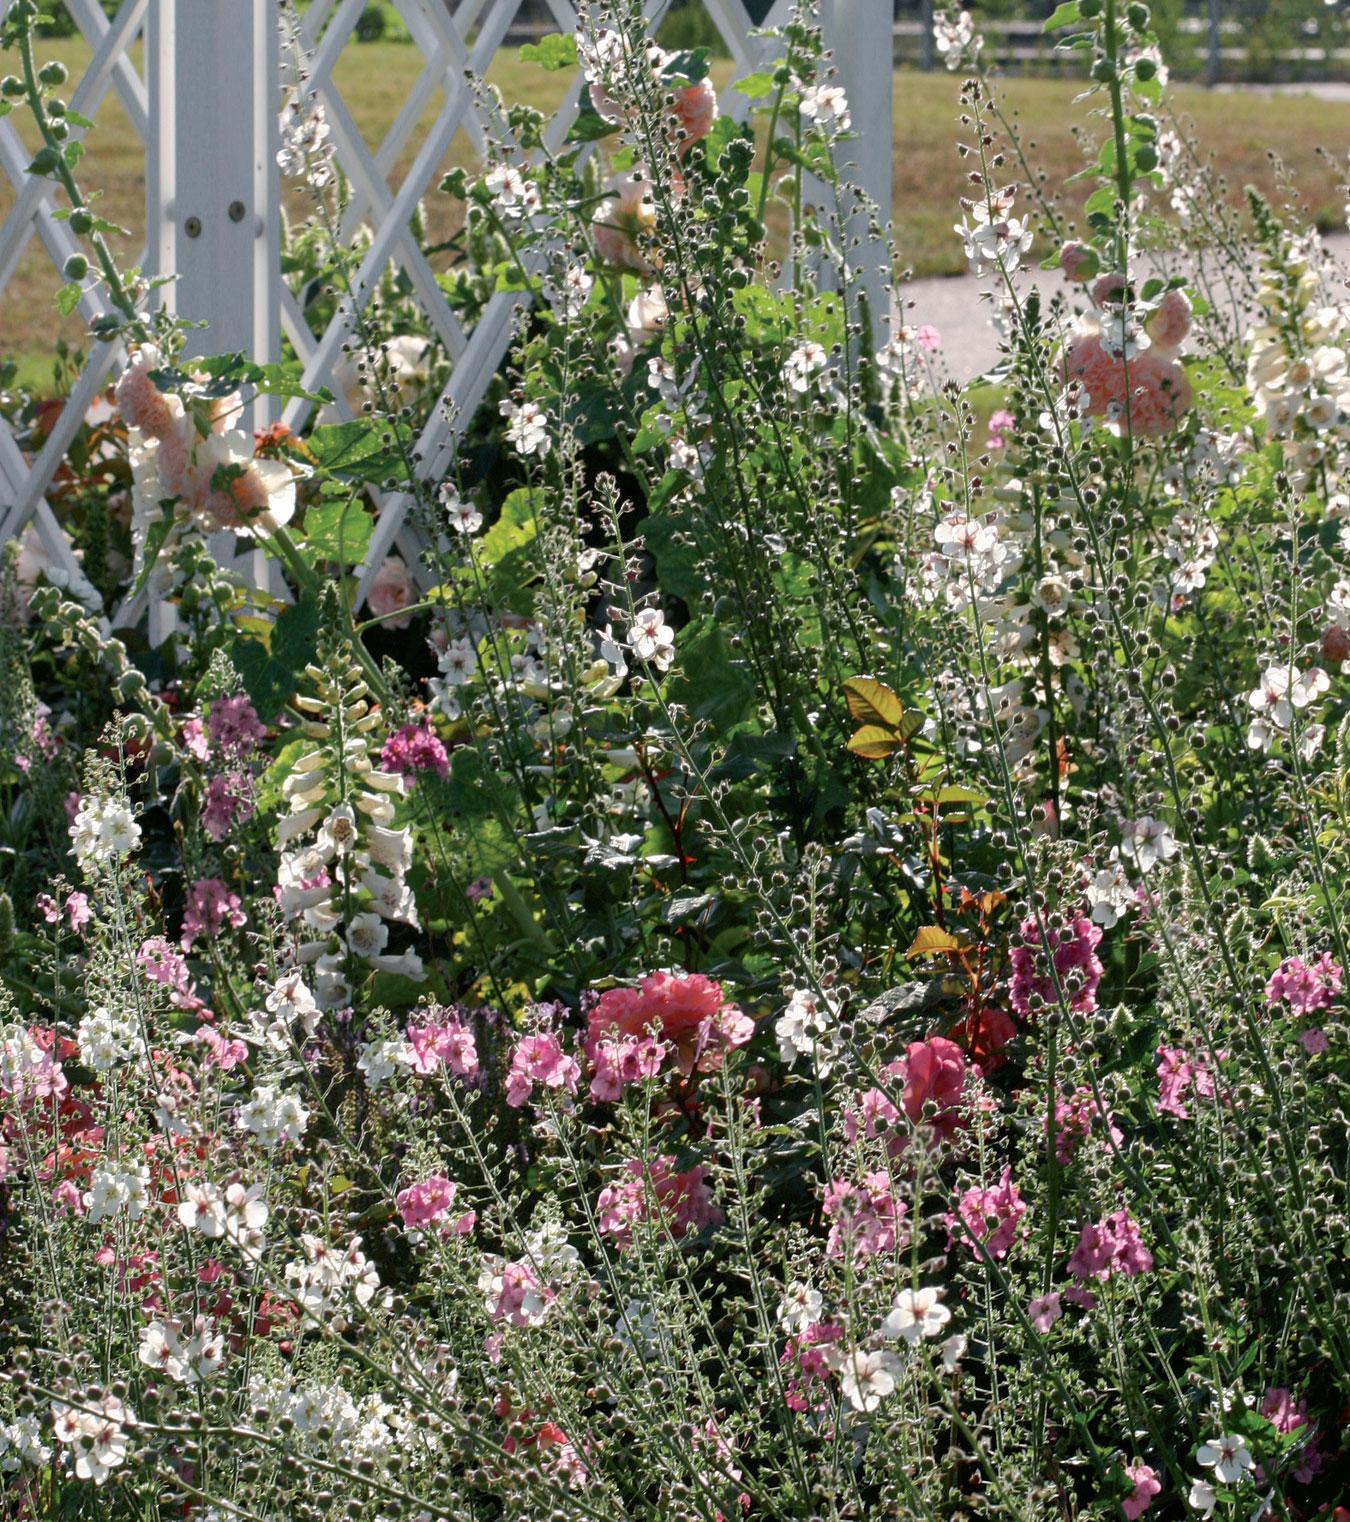 Salkoruusut, sormustinkukat sekä valkoiset ja roosat purppuratulikukat keinuvat ryhmäruusujen seassa.